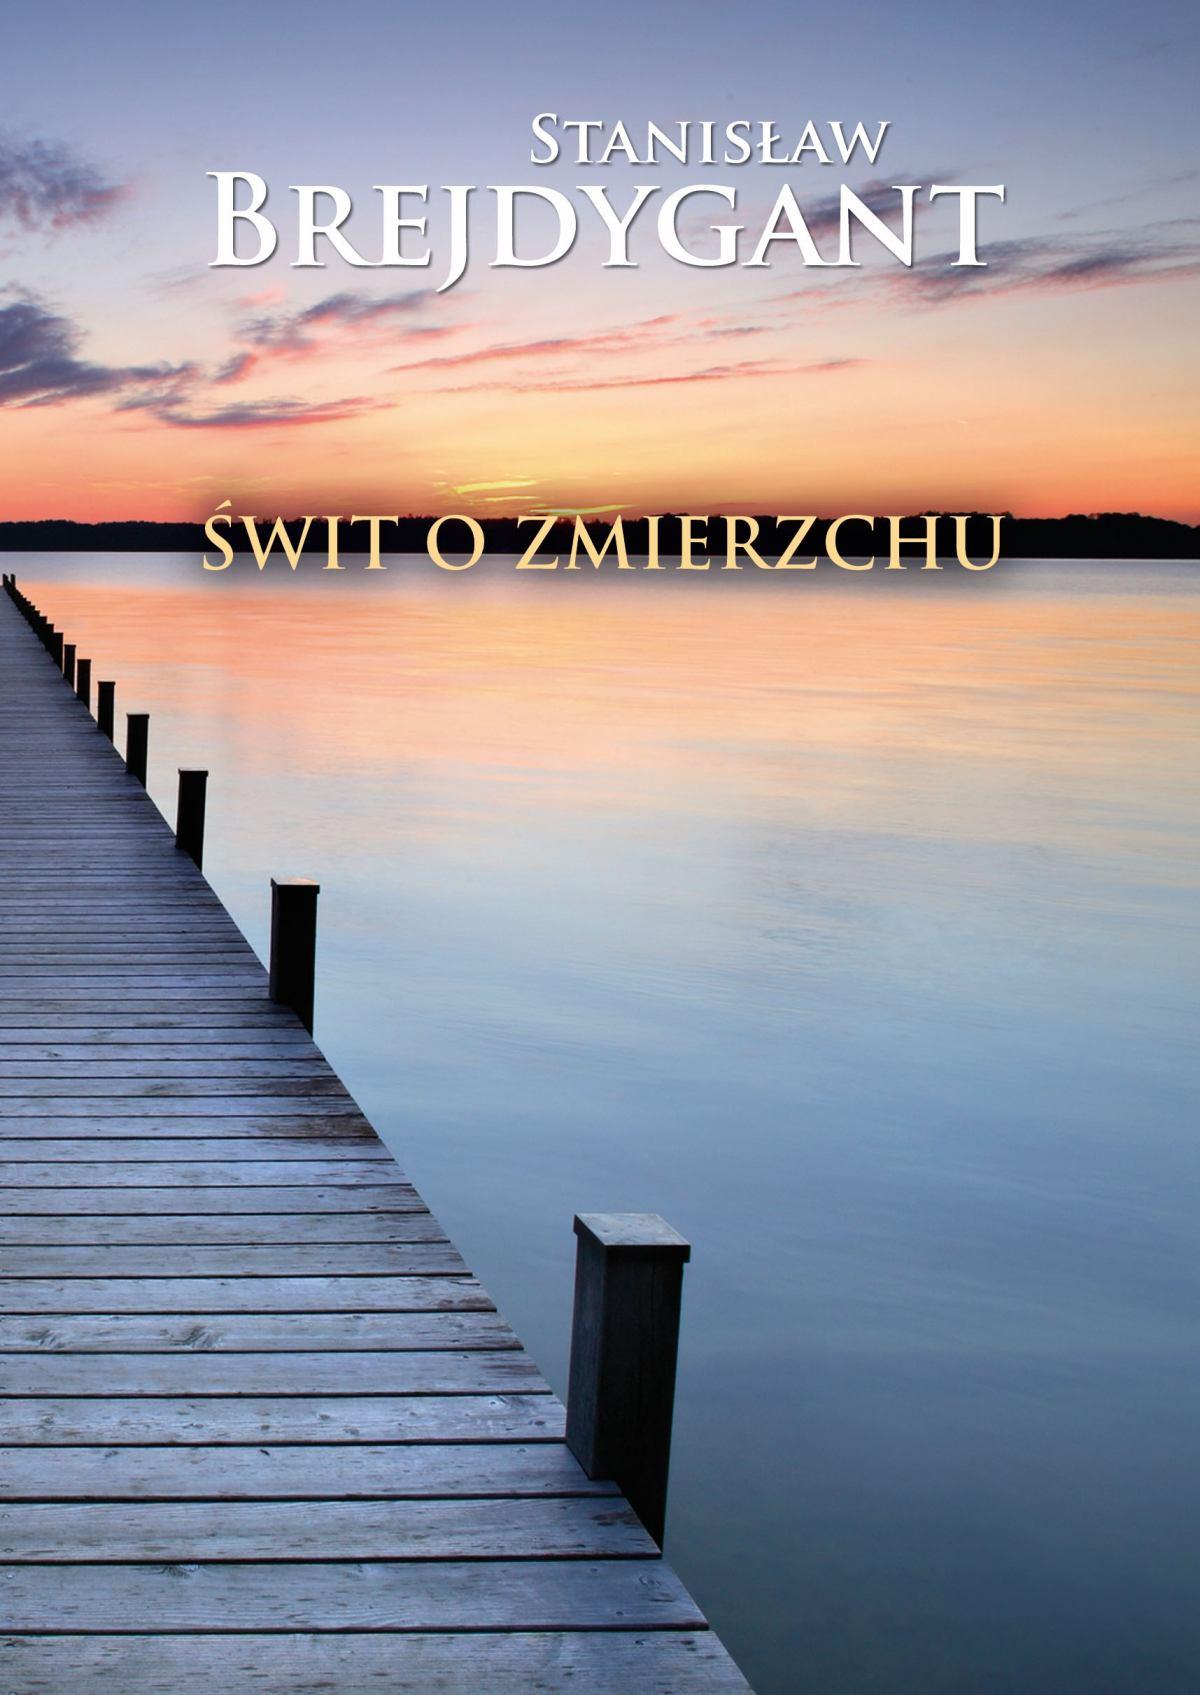 Świt o zmierzchu - Ebook (Książka EPUB) do pobrania w formacie EPUB